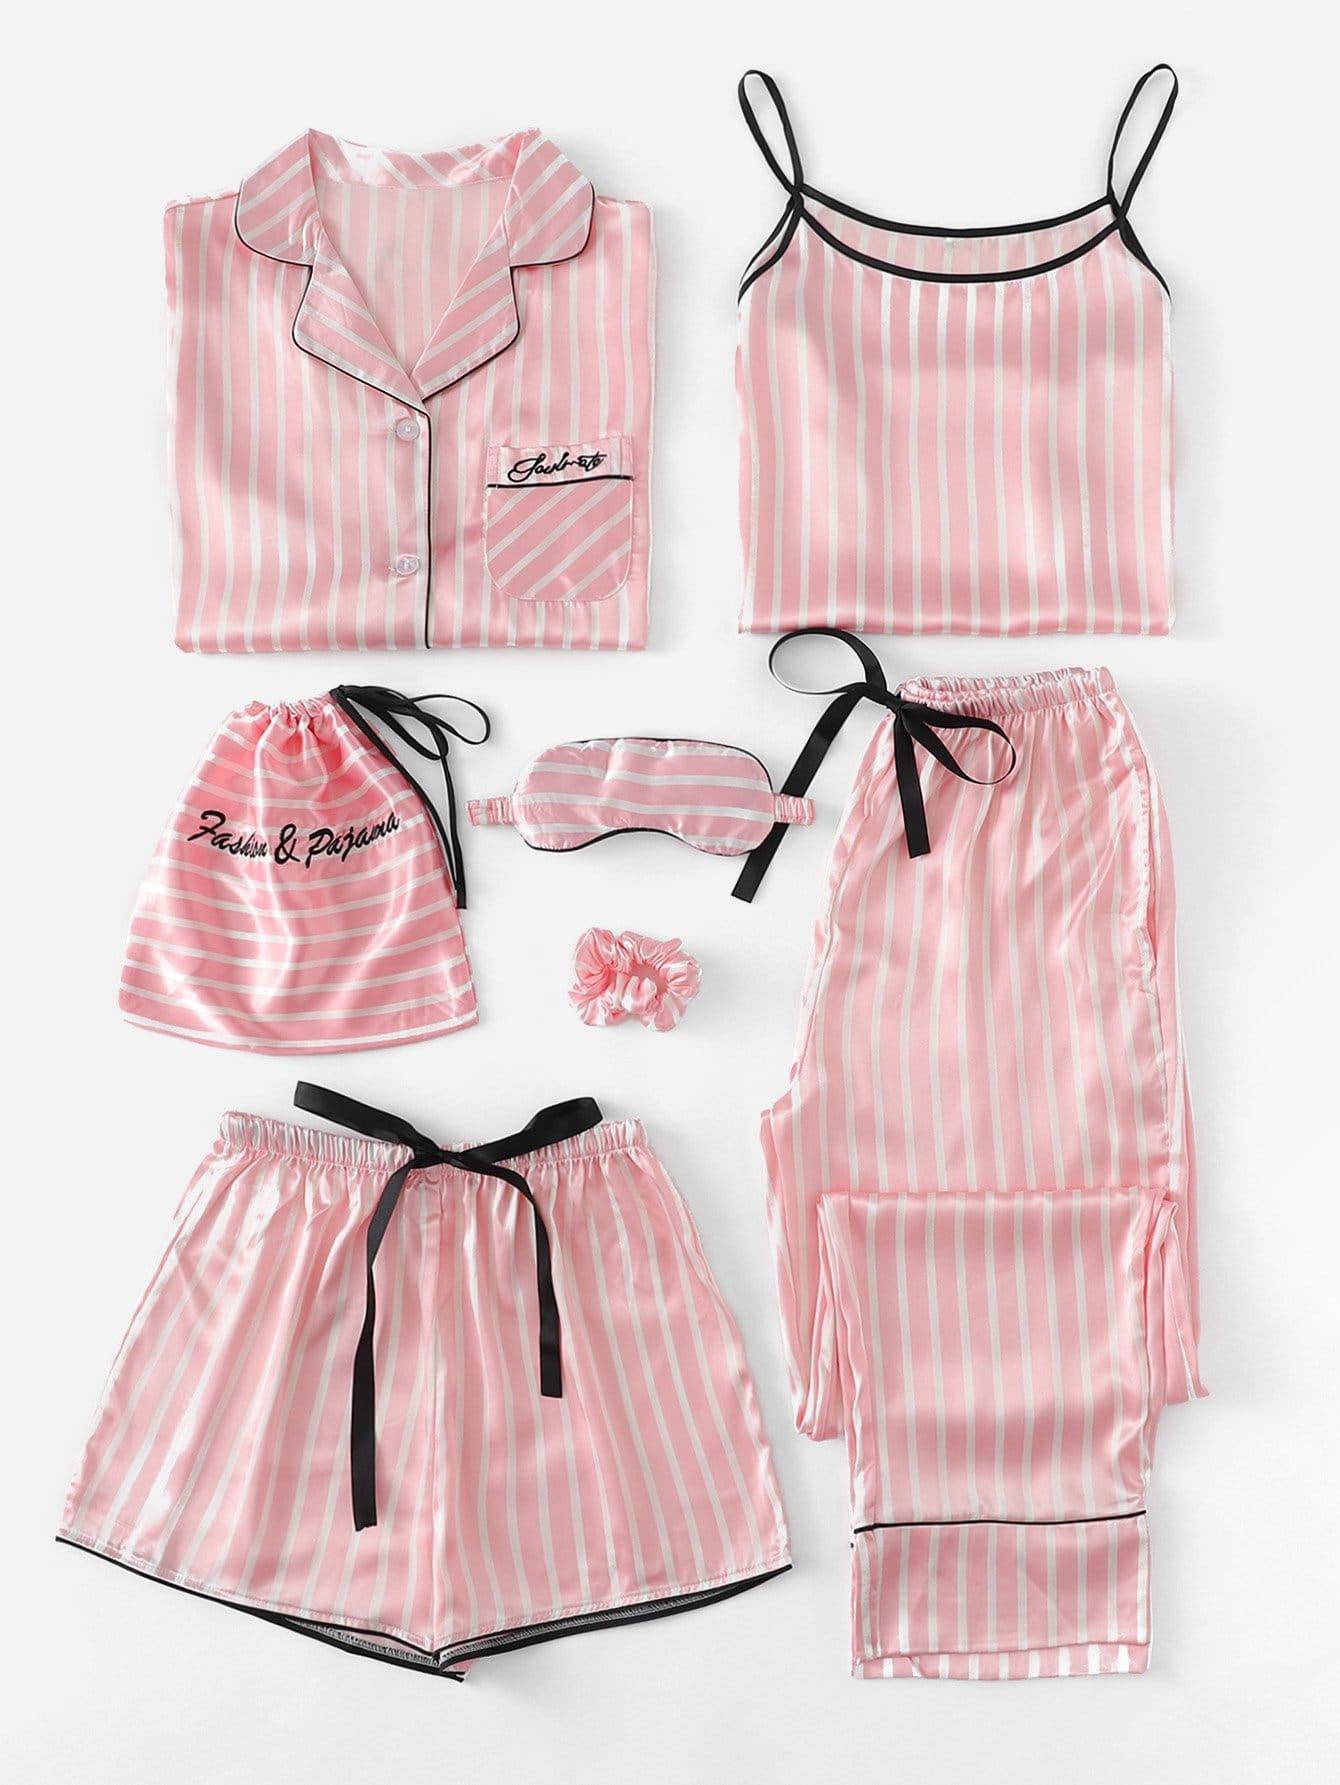 7 шт Комплект полосатой пижамы с рисунками вышитых букв и футболка thumbnail